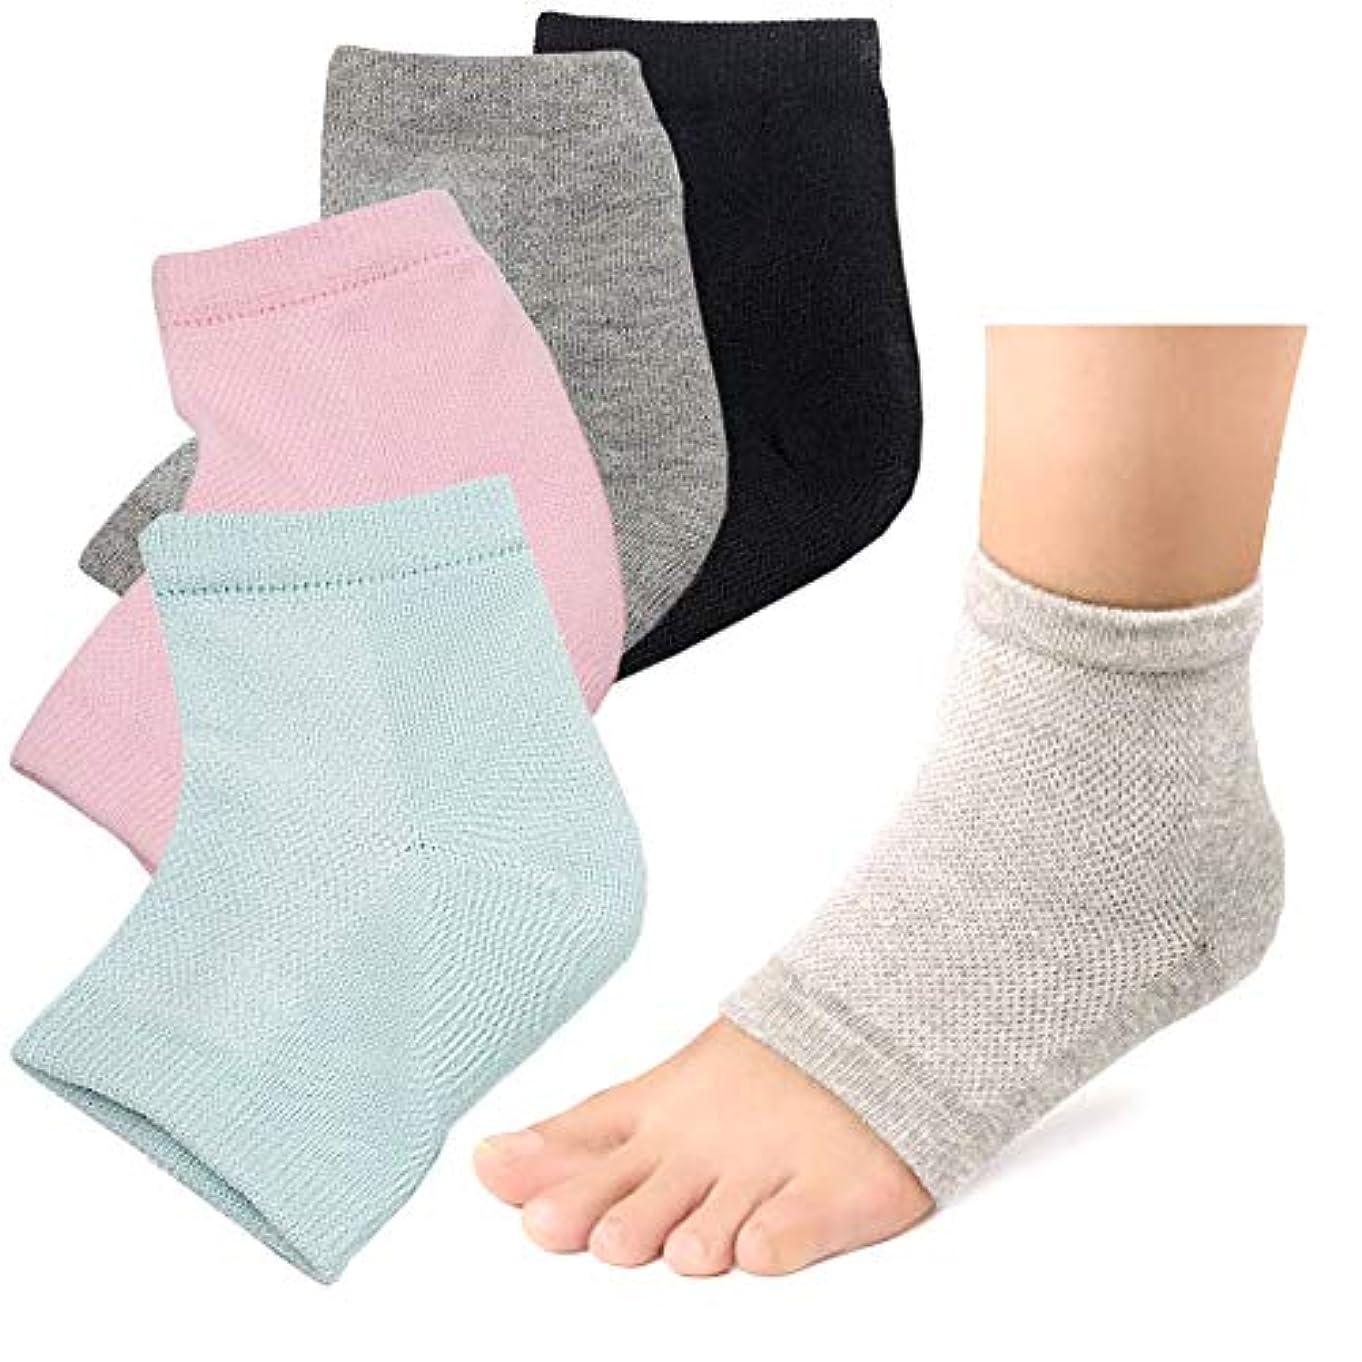 紀元前リーチ背骨かかと 靴下 ソックス つるつる 2足セット かかとケア かかとサポーター ひび割れ対策 角質ケア (ブラック/グレー)